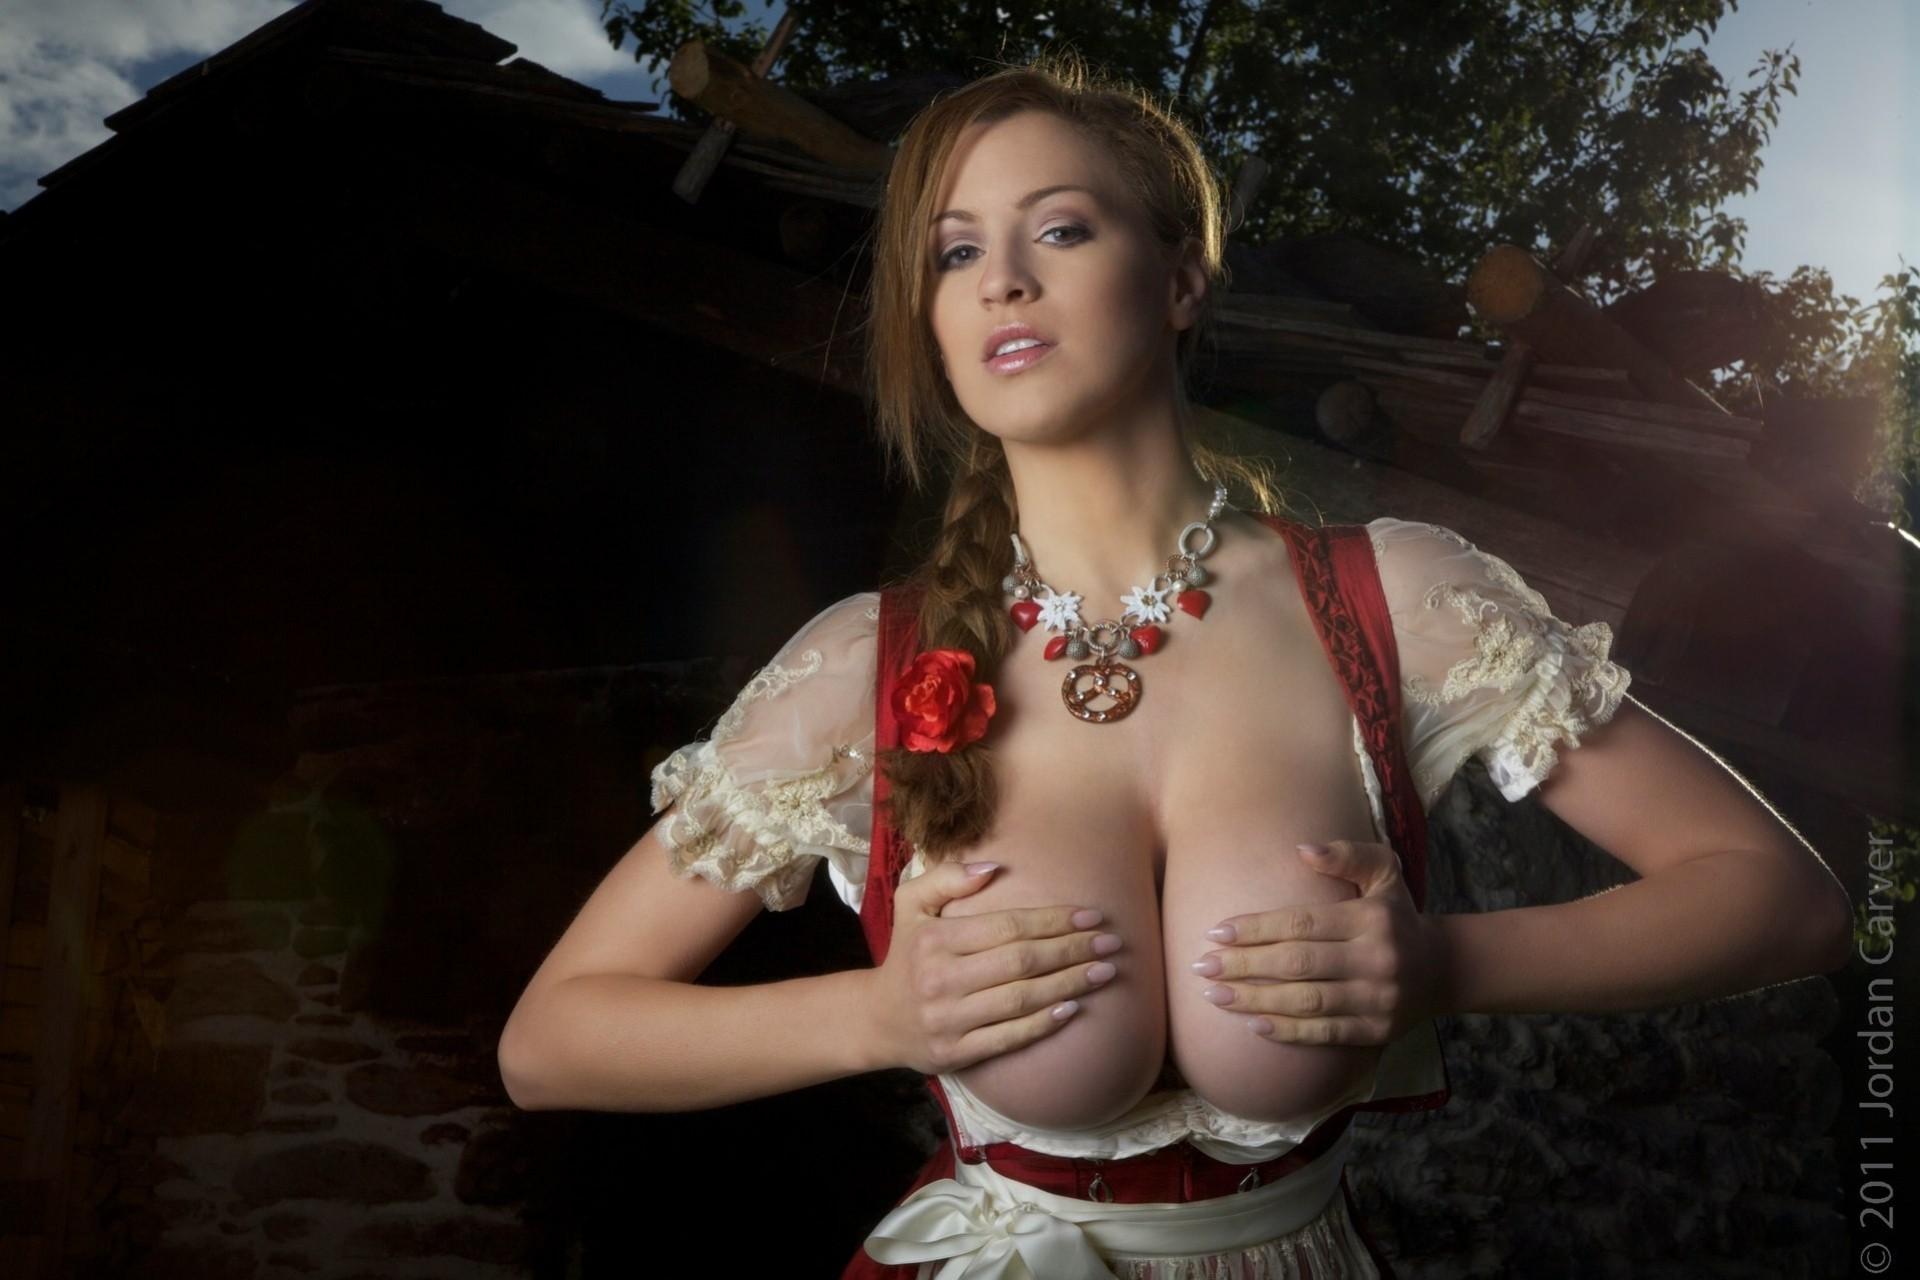 русские секси женщины фото - 11